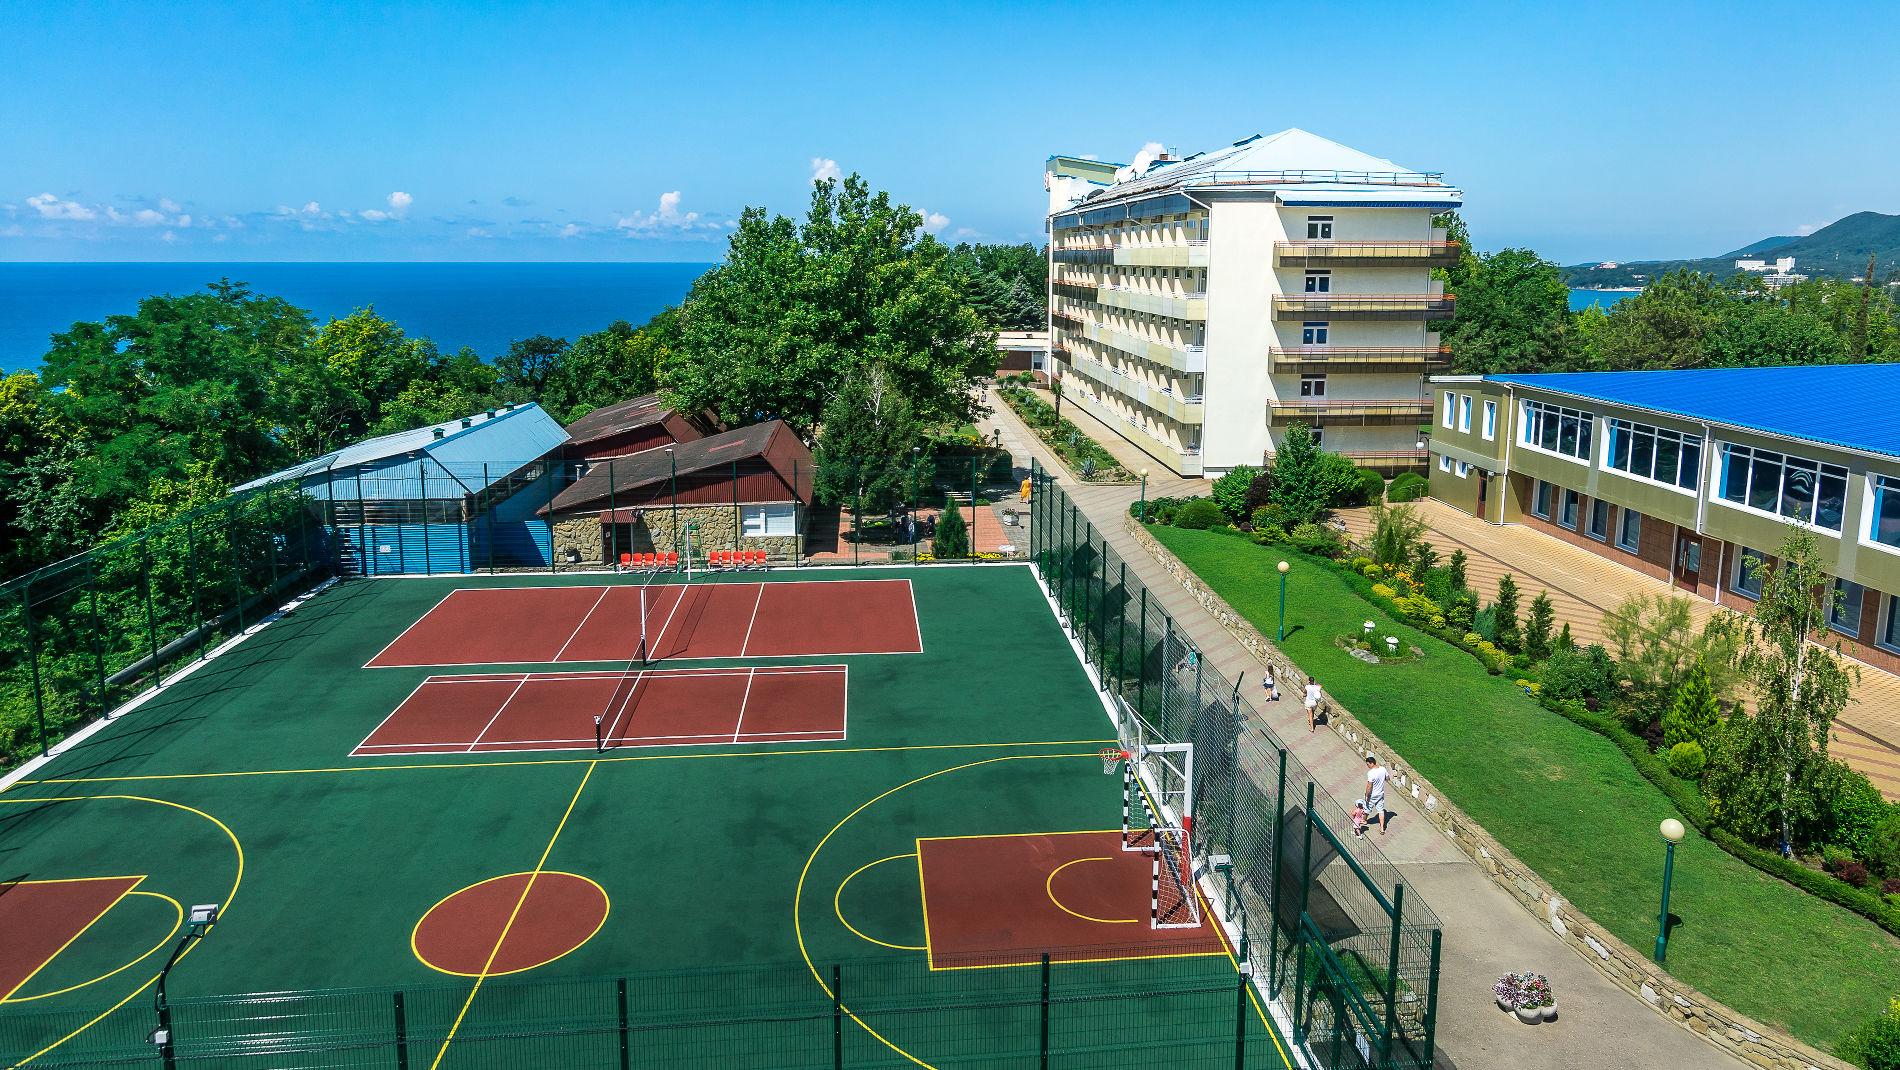 На территории — два корпуса и семейные коттеджи, рассчитанные на прием до 700 гостей, большая современная столовая на три зала со шведской линией, спортивные площадки, тренажерный и теннисный залы, детская игровая площадка с подогреваемым бассейном